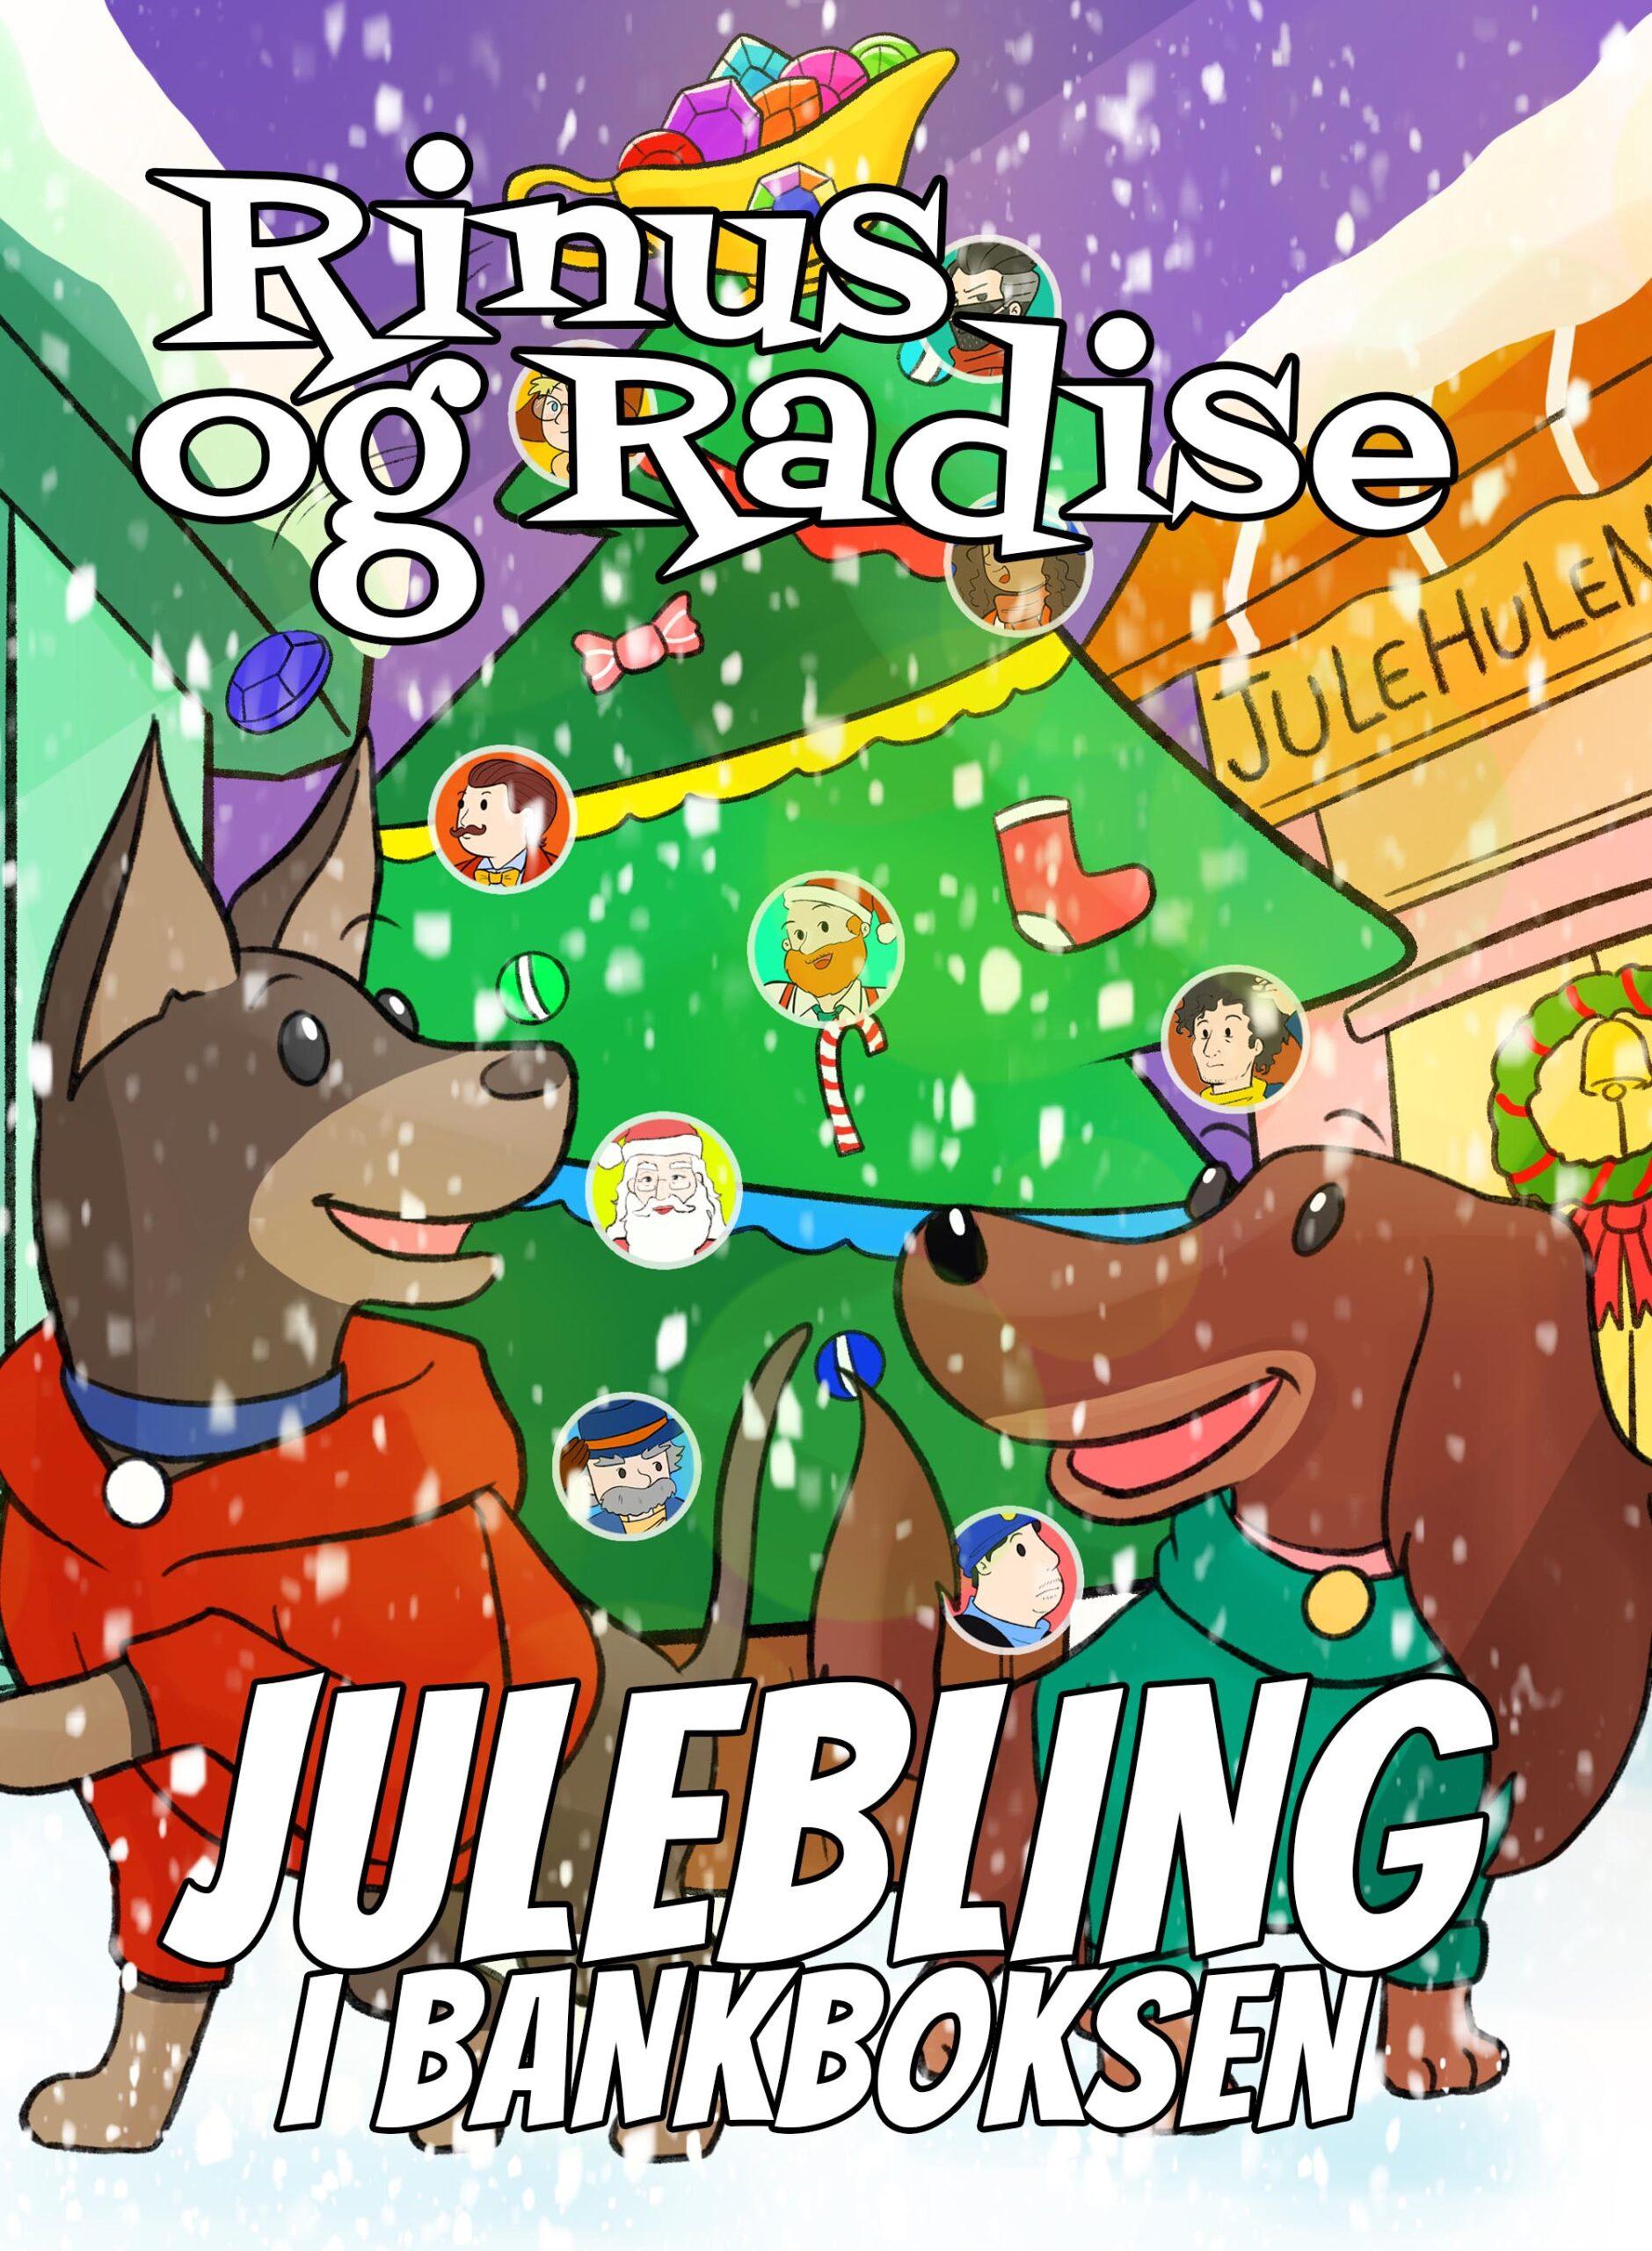 Sjov børnebog - Spændende børnebog - Rinus og Radise - Højtlæsningsbog